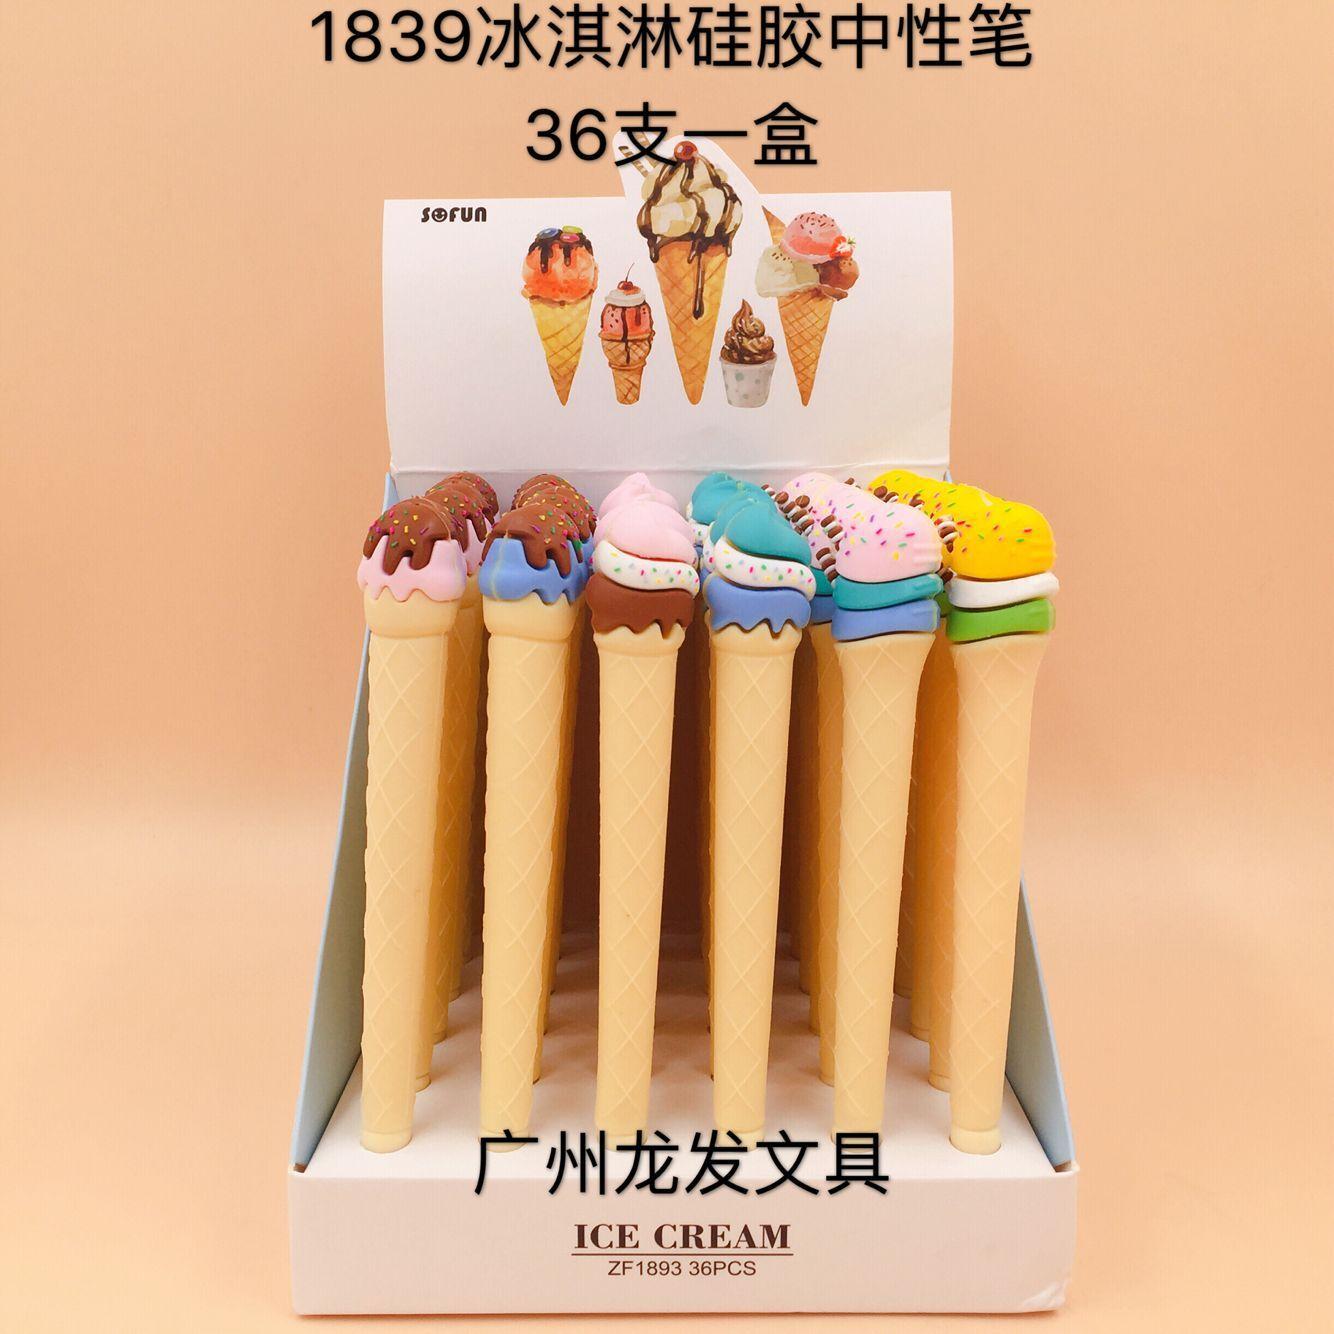 48 Pcs Canetas Gel de Silicone Dos Desenhos Animados Ice Cream Gel de Cor Preta-inkpens para Escrever Bonito Dos Artigos de Papelaria Material Escolar Escritório